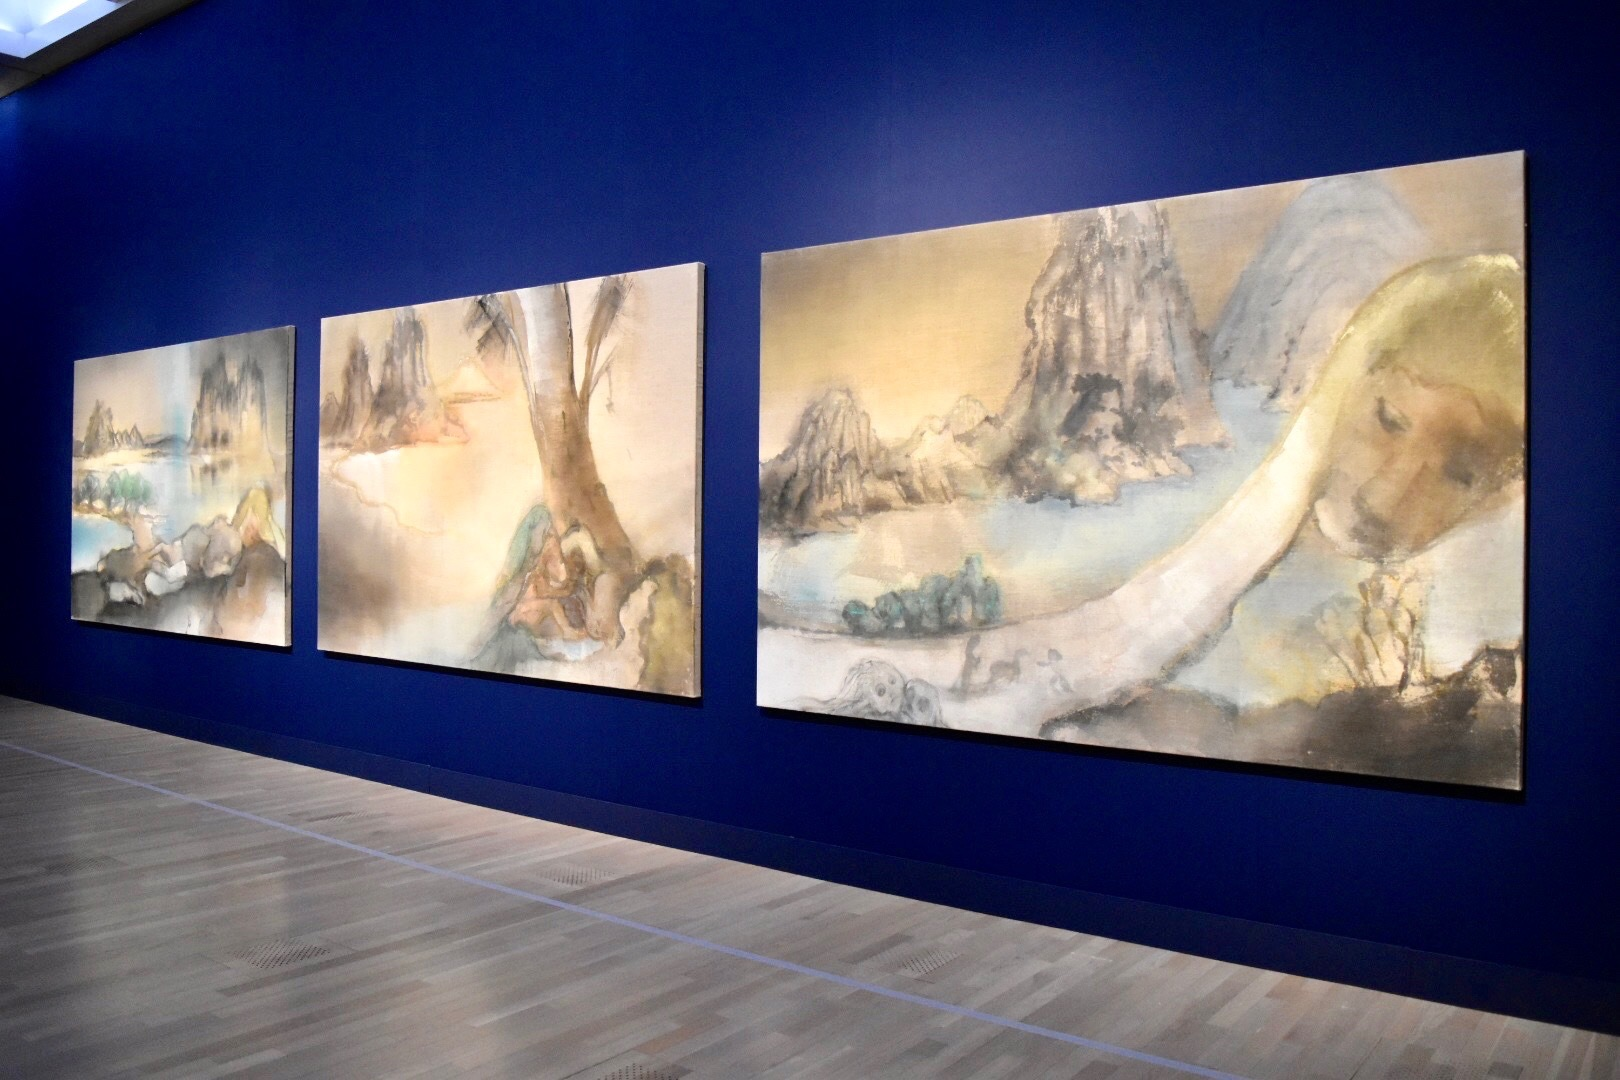 国立新美術館『イケムラレイコ 土と星 Our Planet』展レポート ...